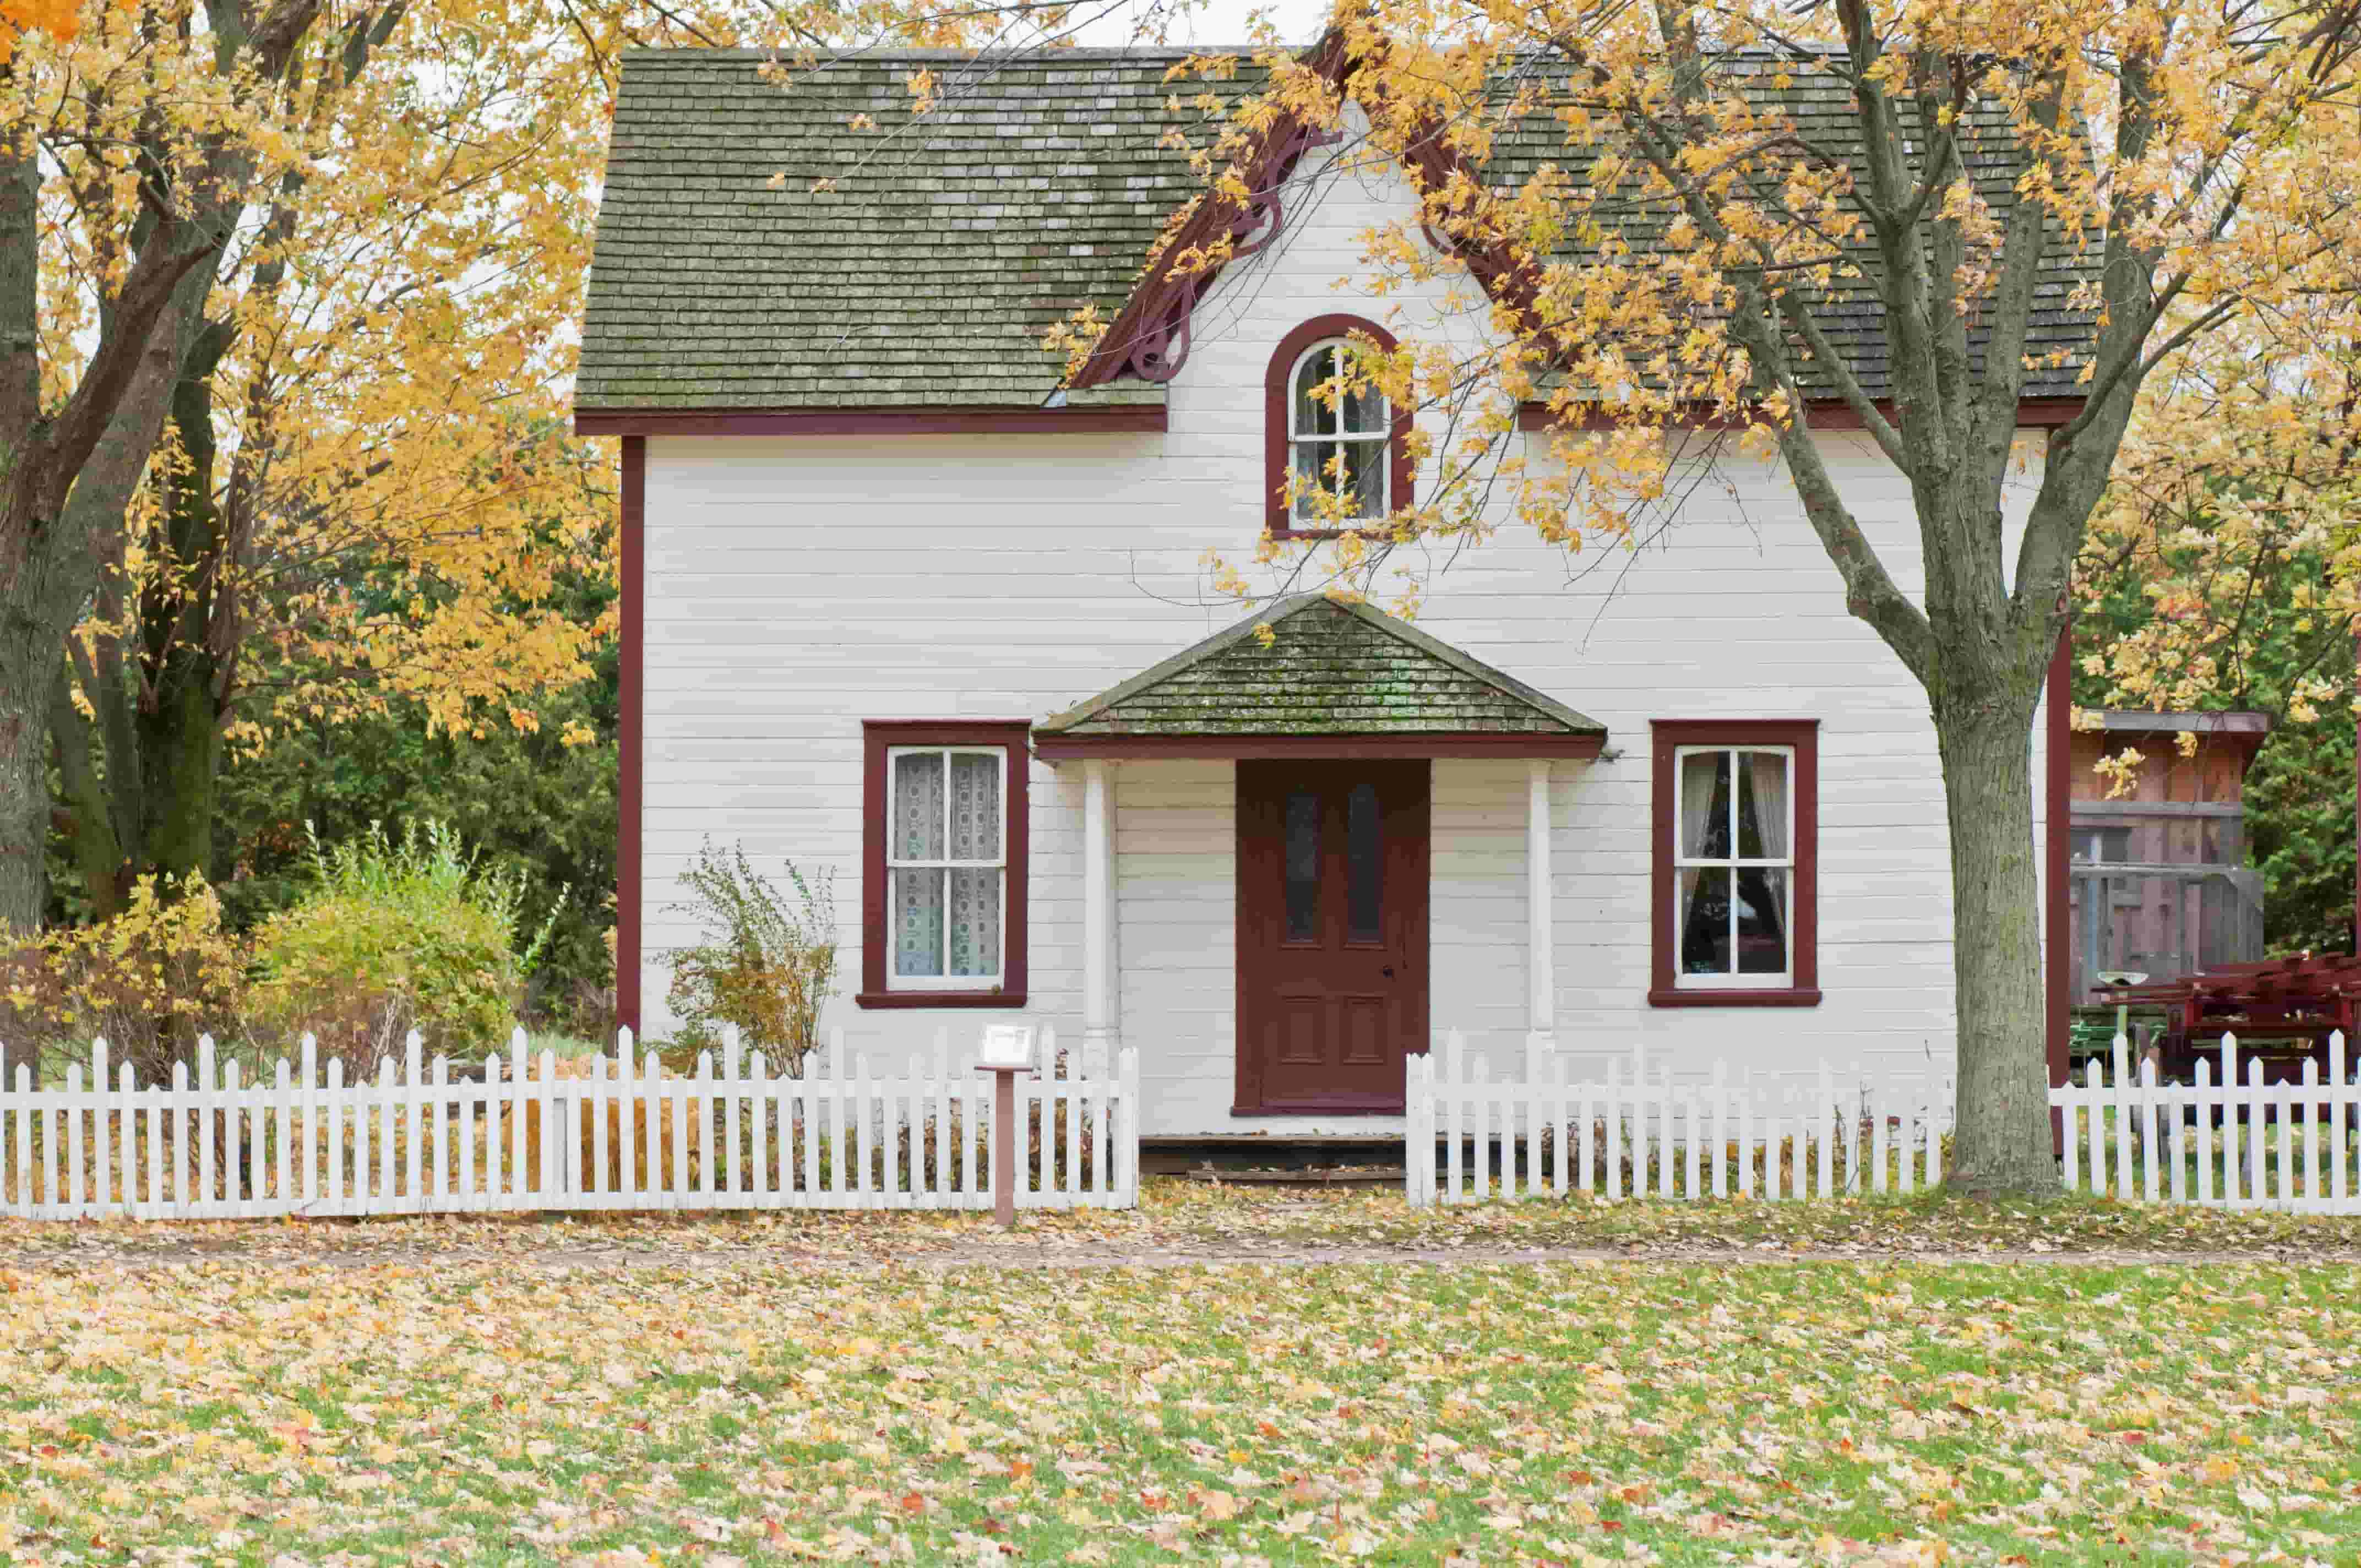 Huis in de herfst